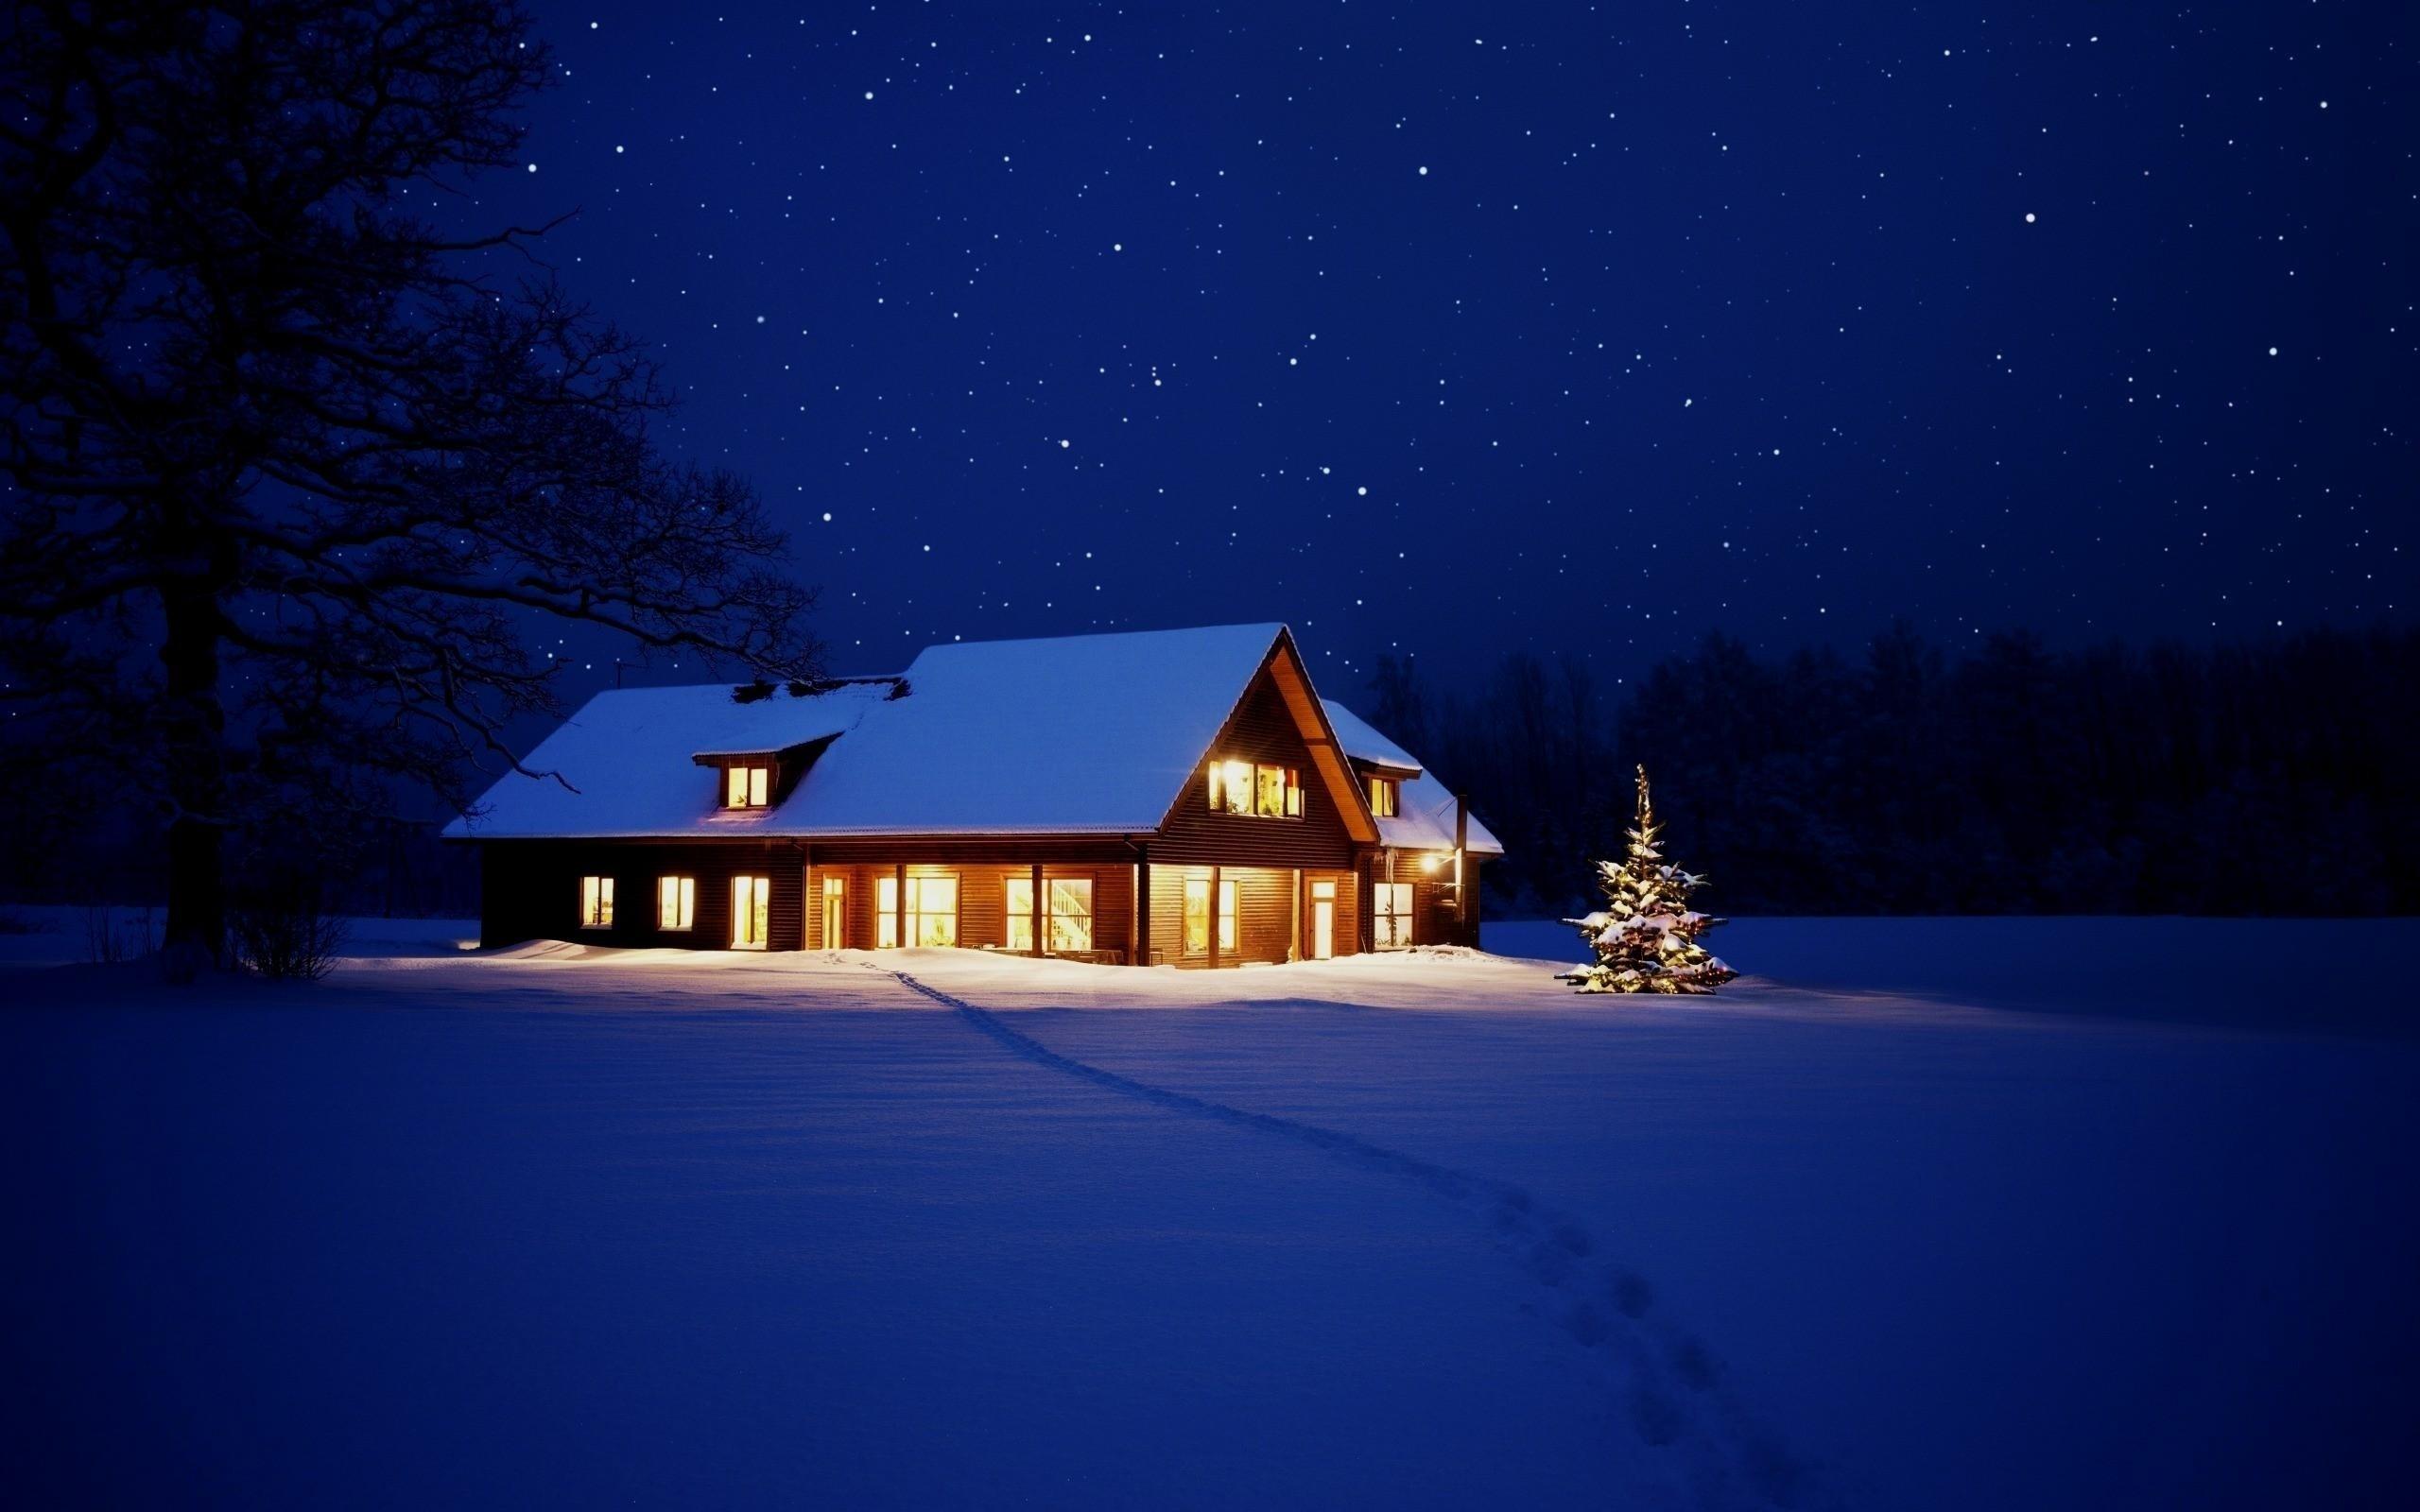 Картинки с зимой дома